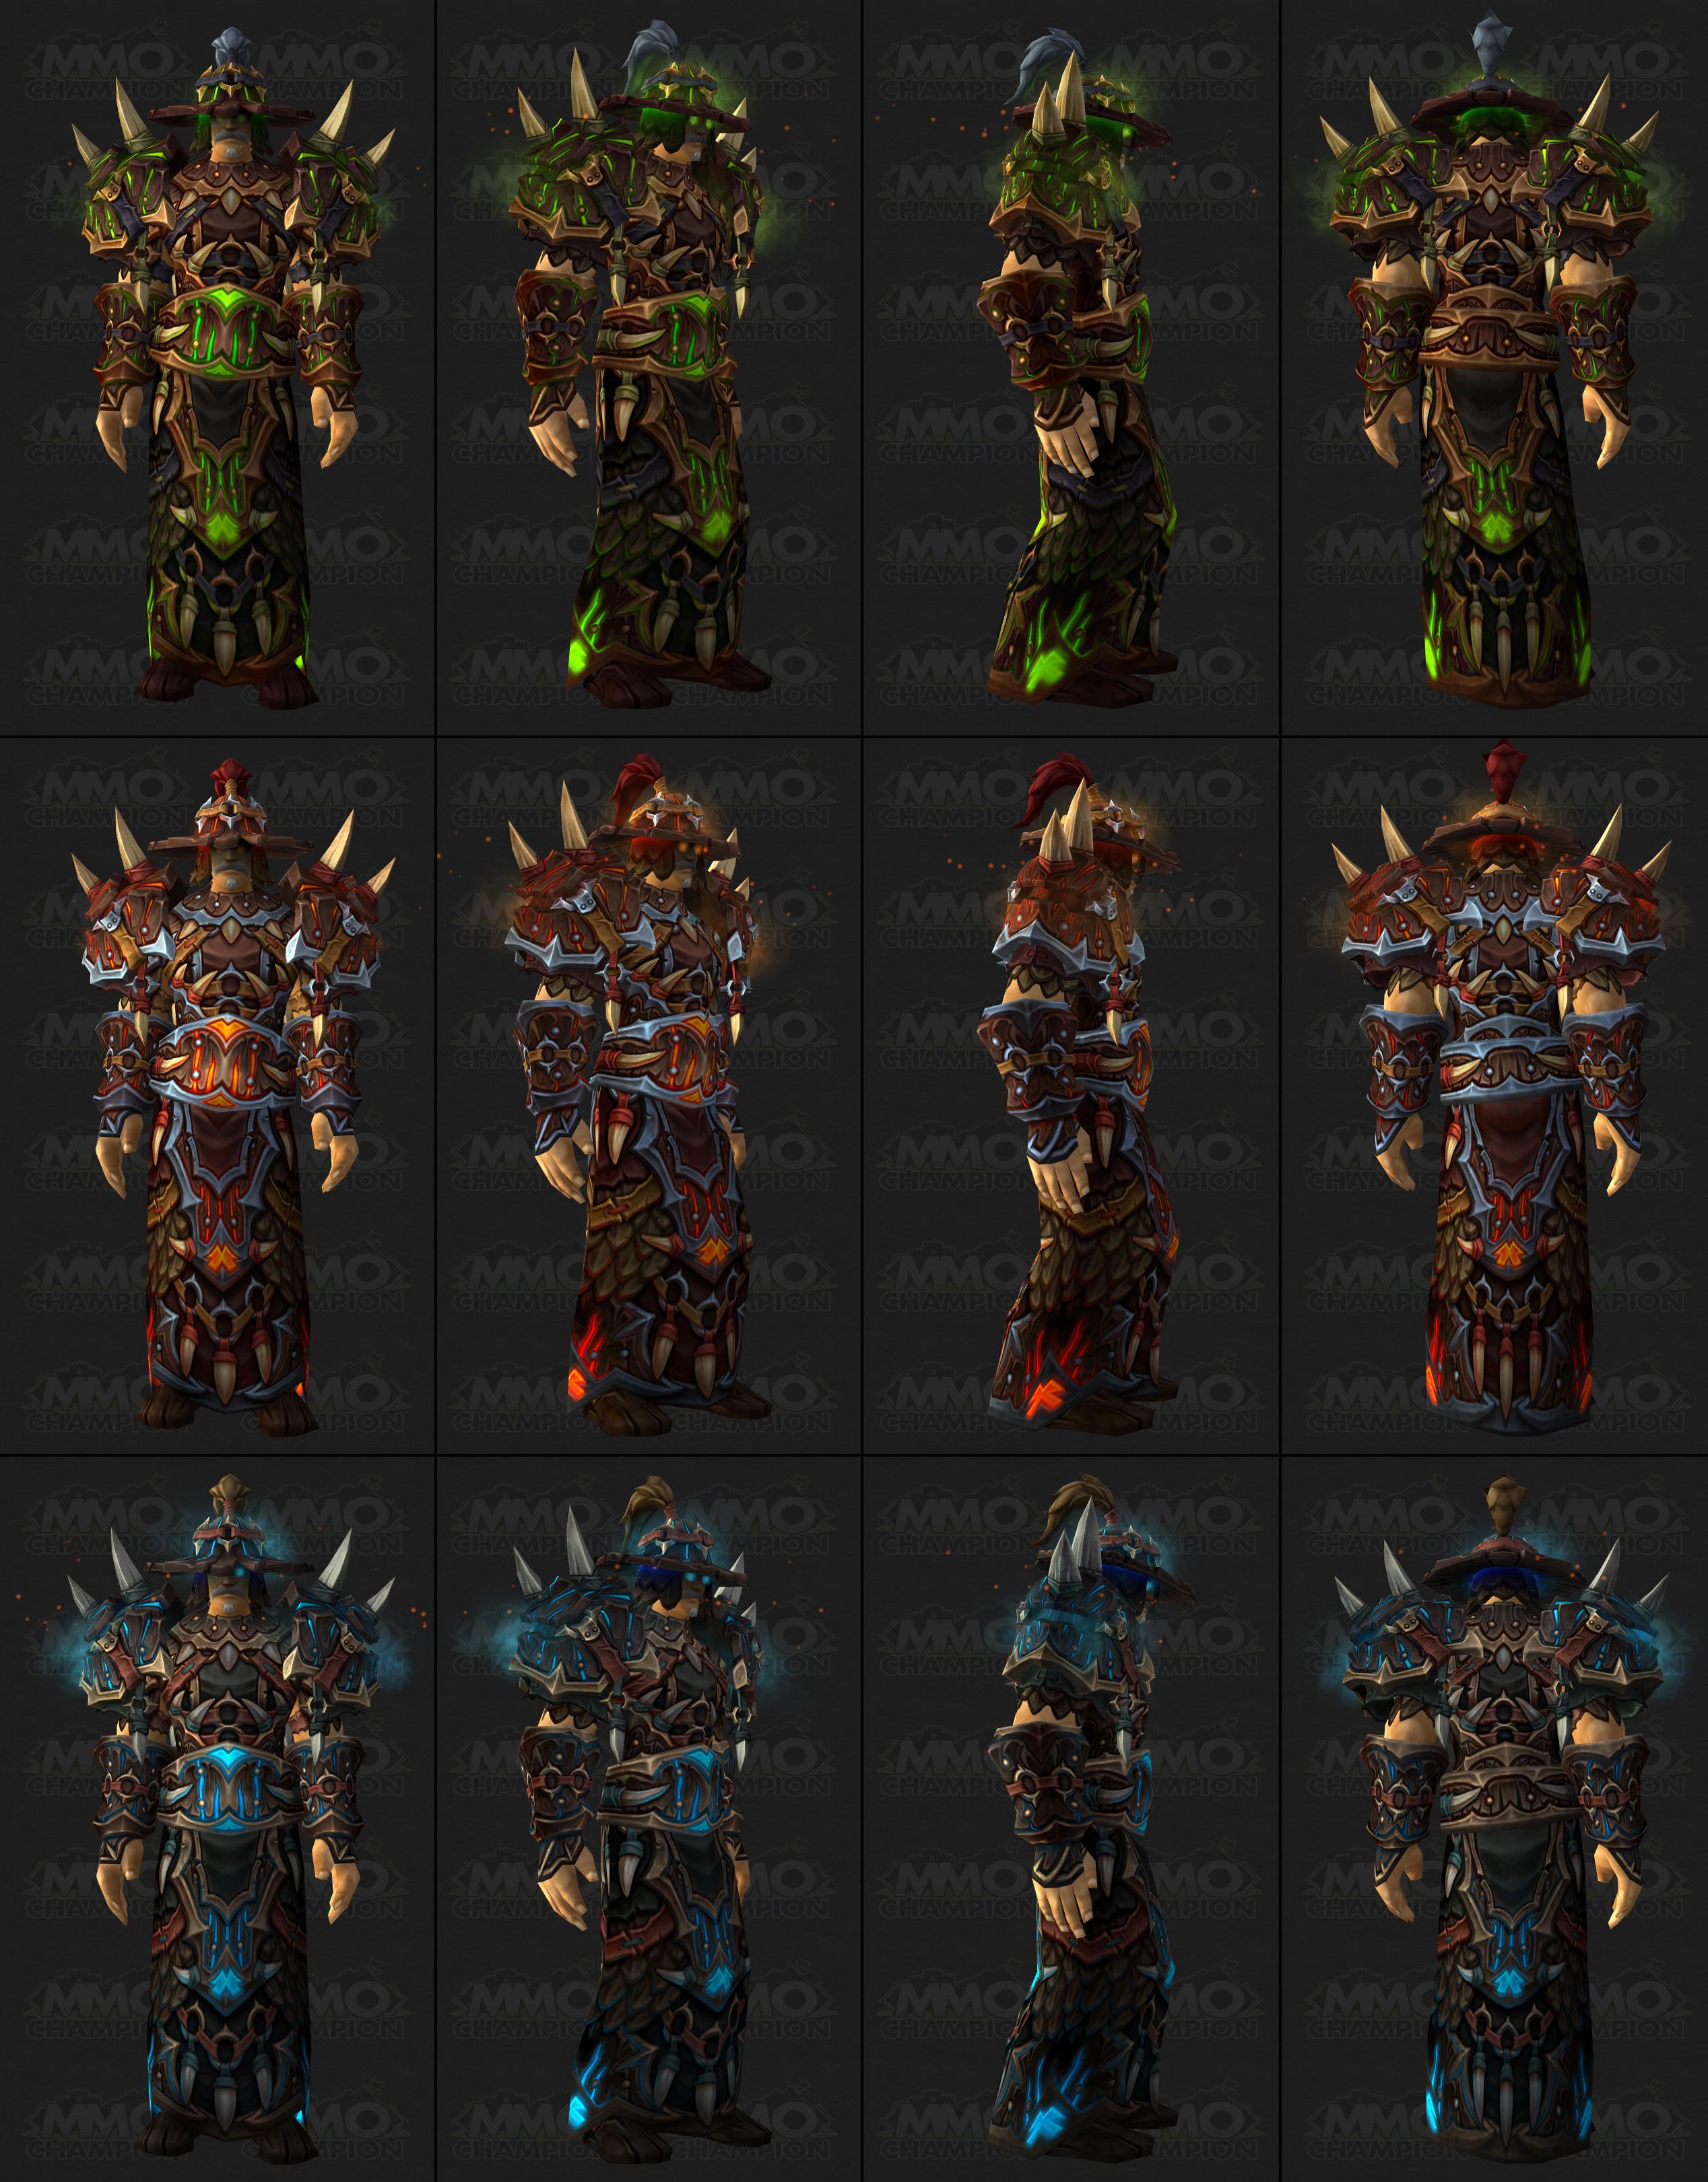 diablo 3 how to get more legendary gems